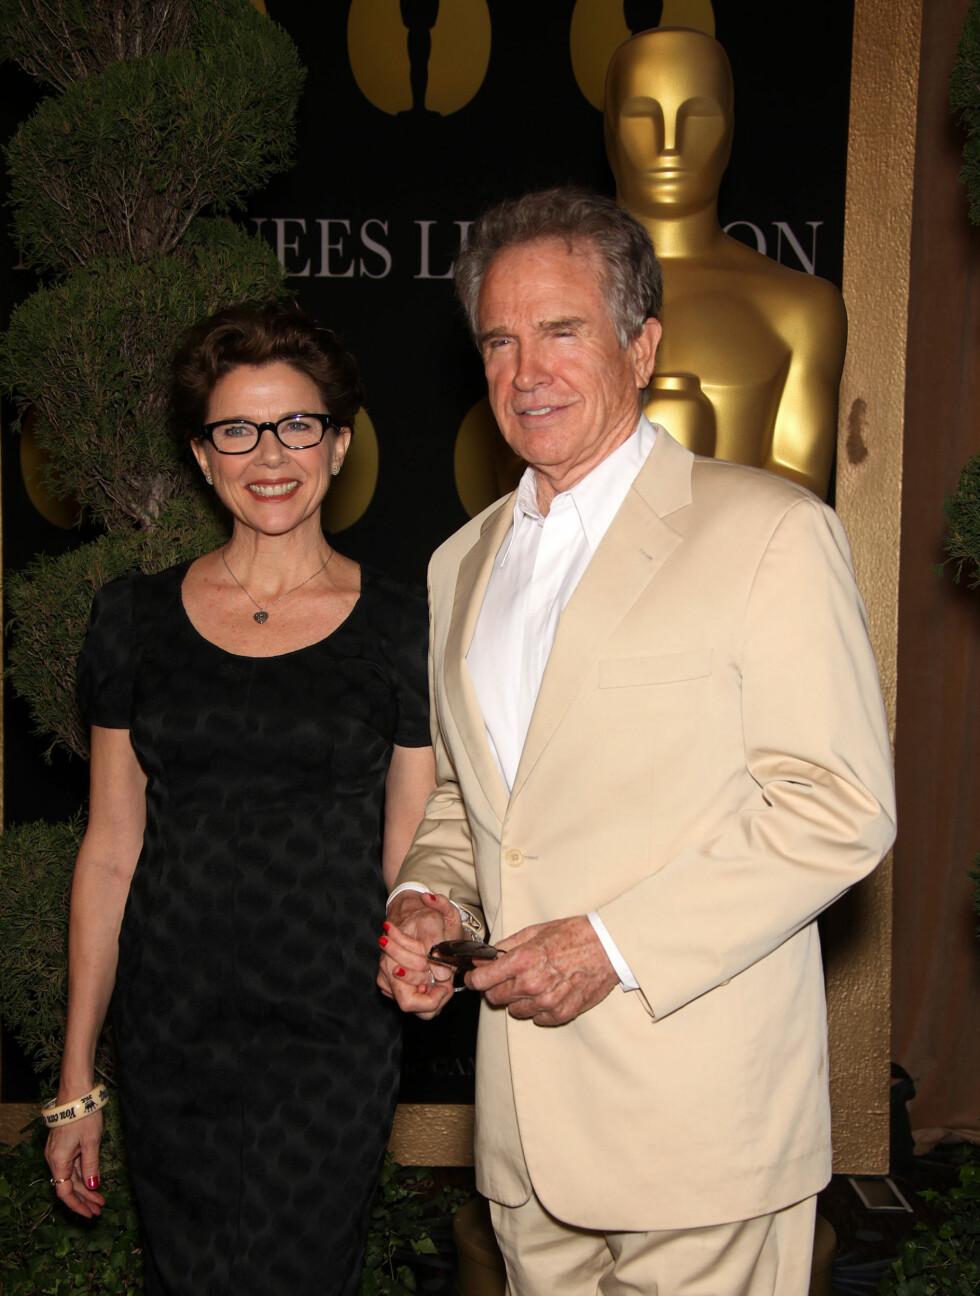 PÅ OSCAR-LUNSJ: Annette Benning og Warren Beatty. Foto: Stella Pictures